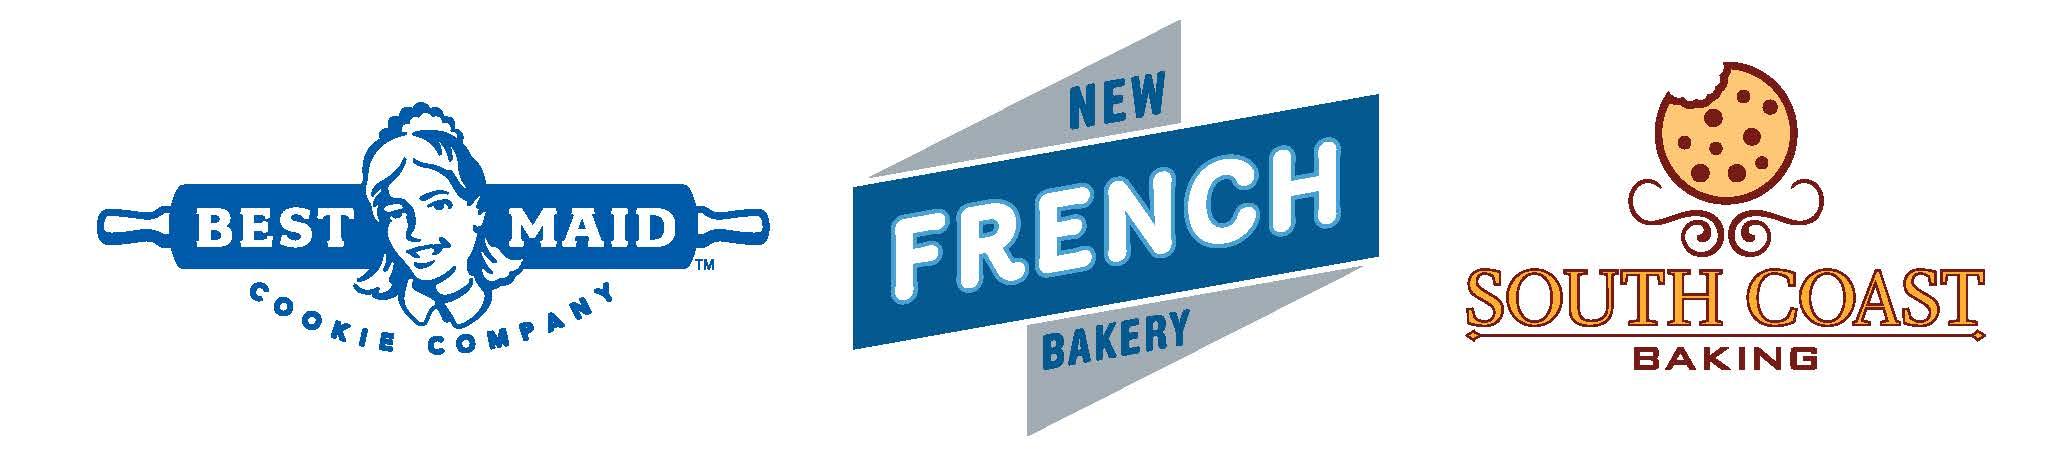 New French Bakery - 2016.jpg